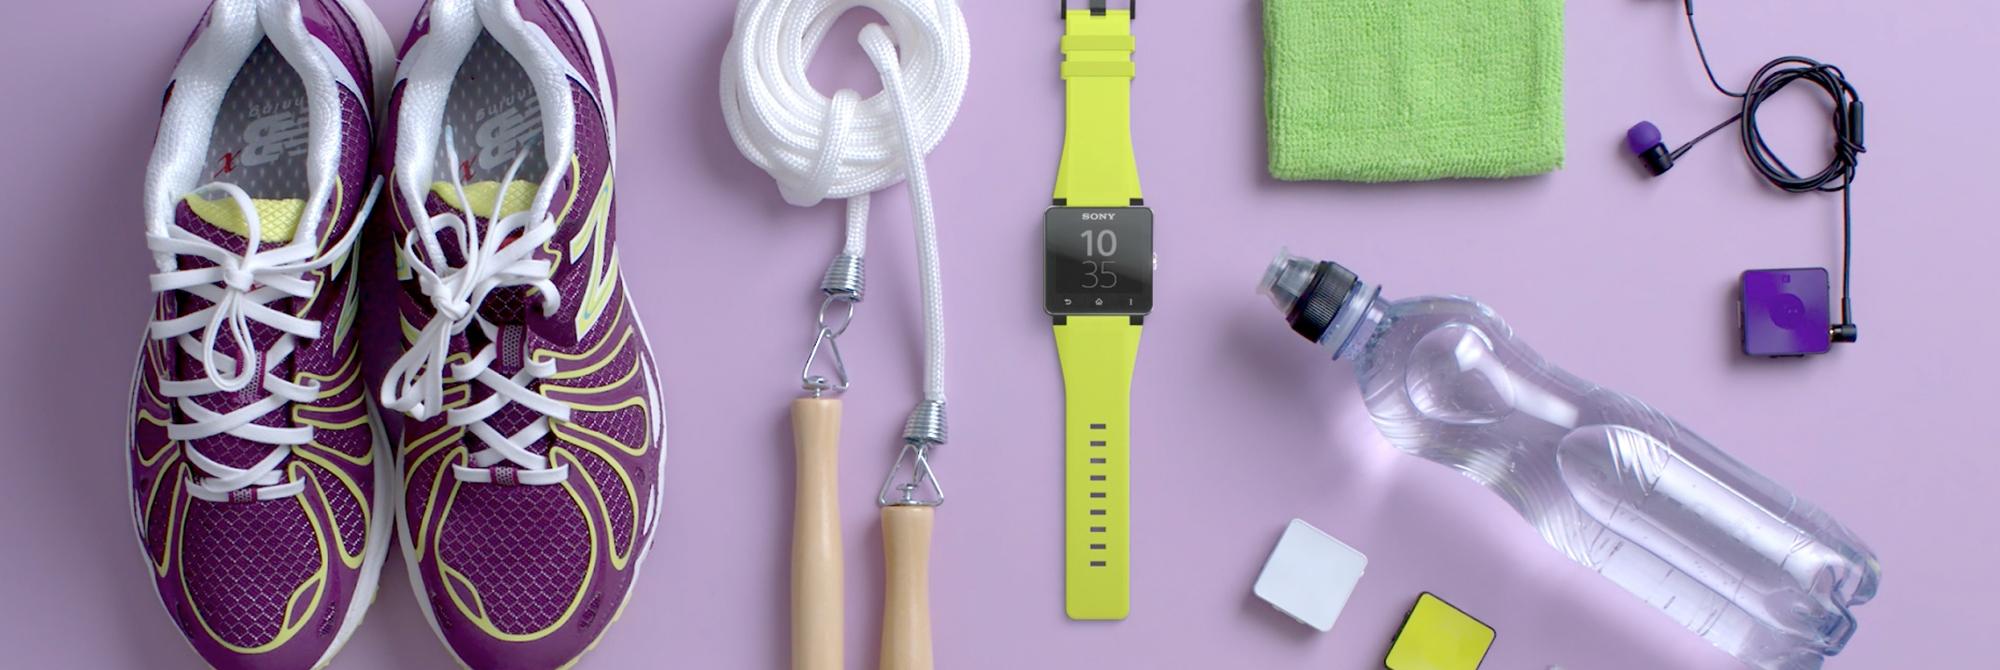 Smartwatch2_active